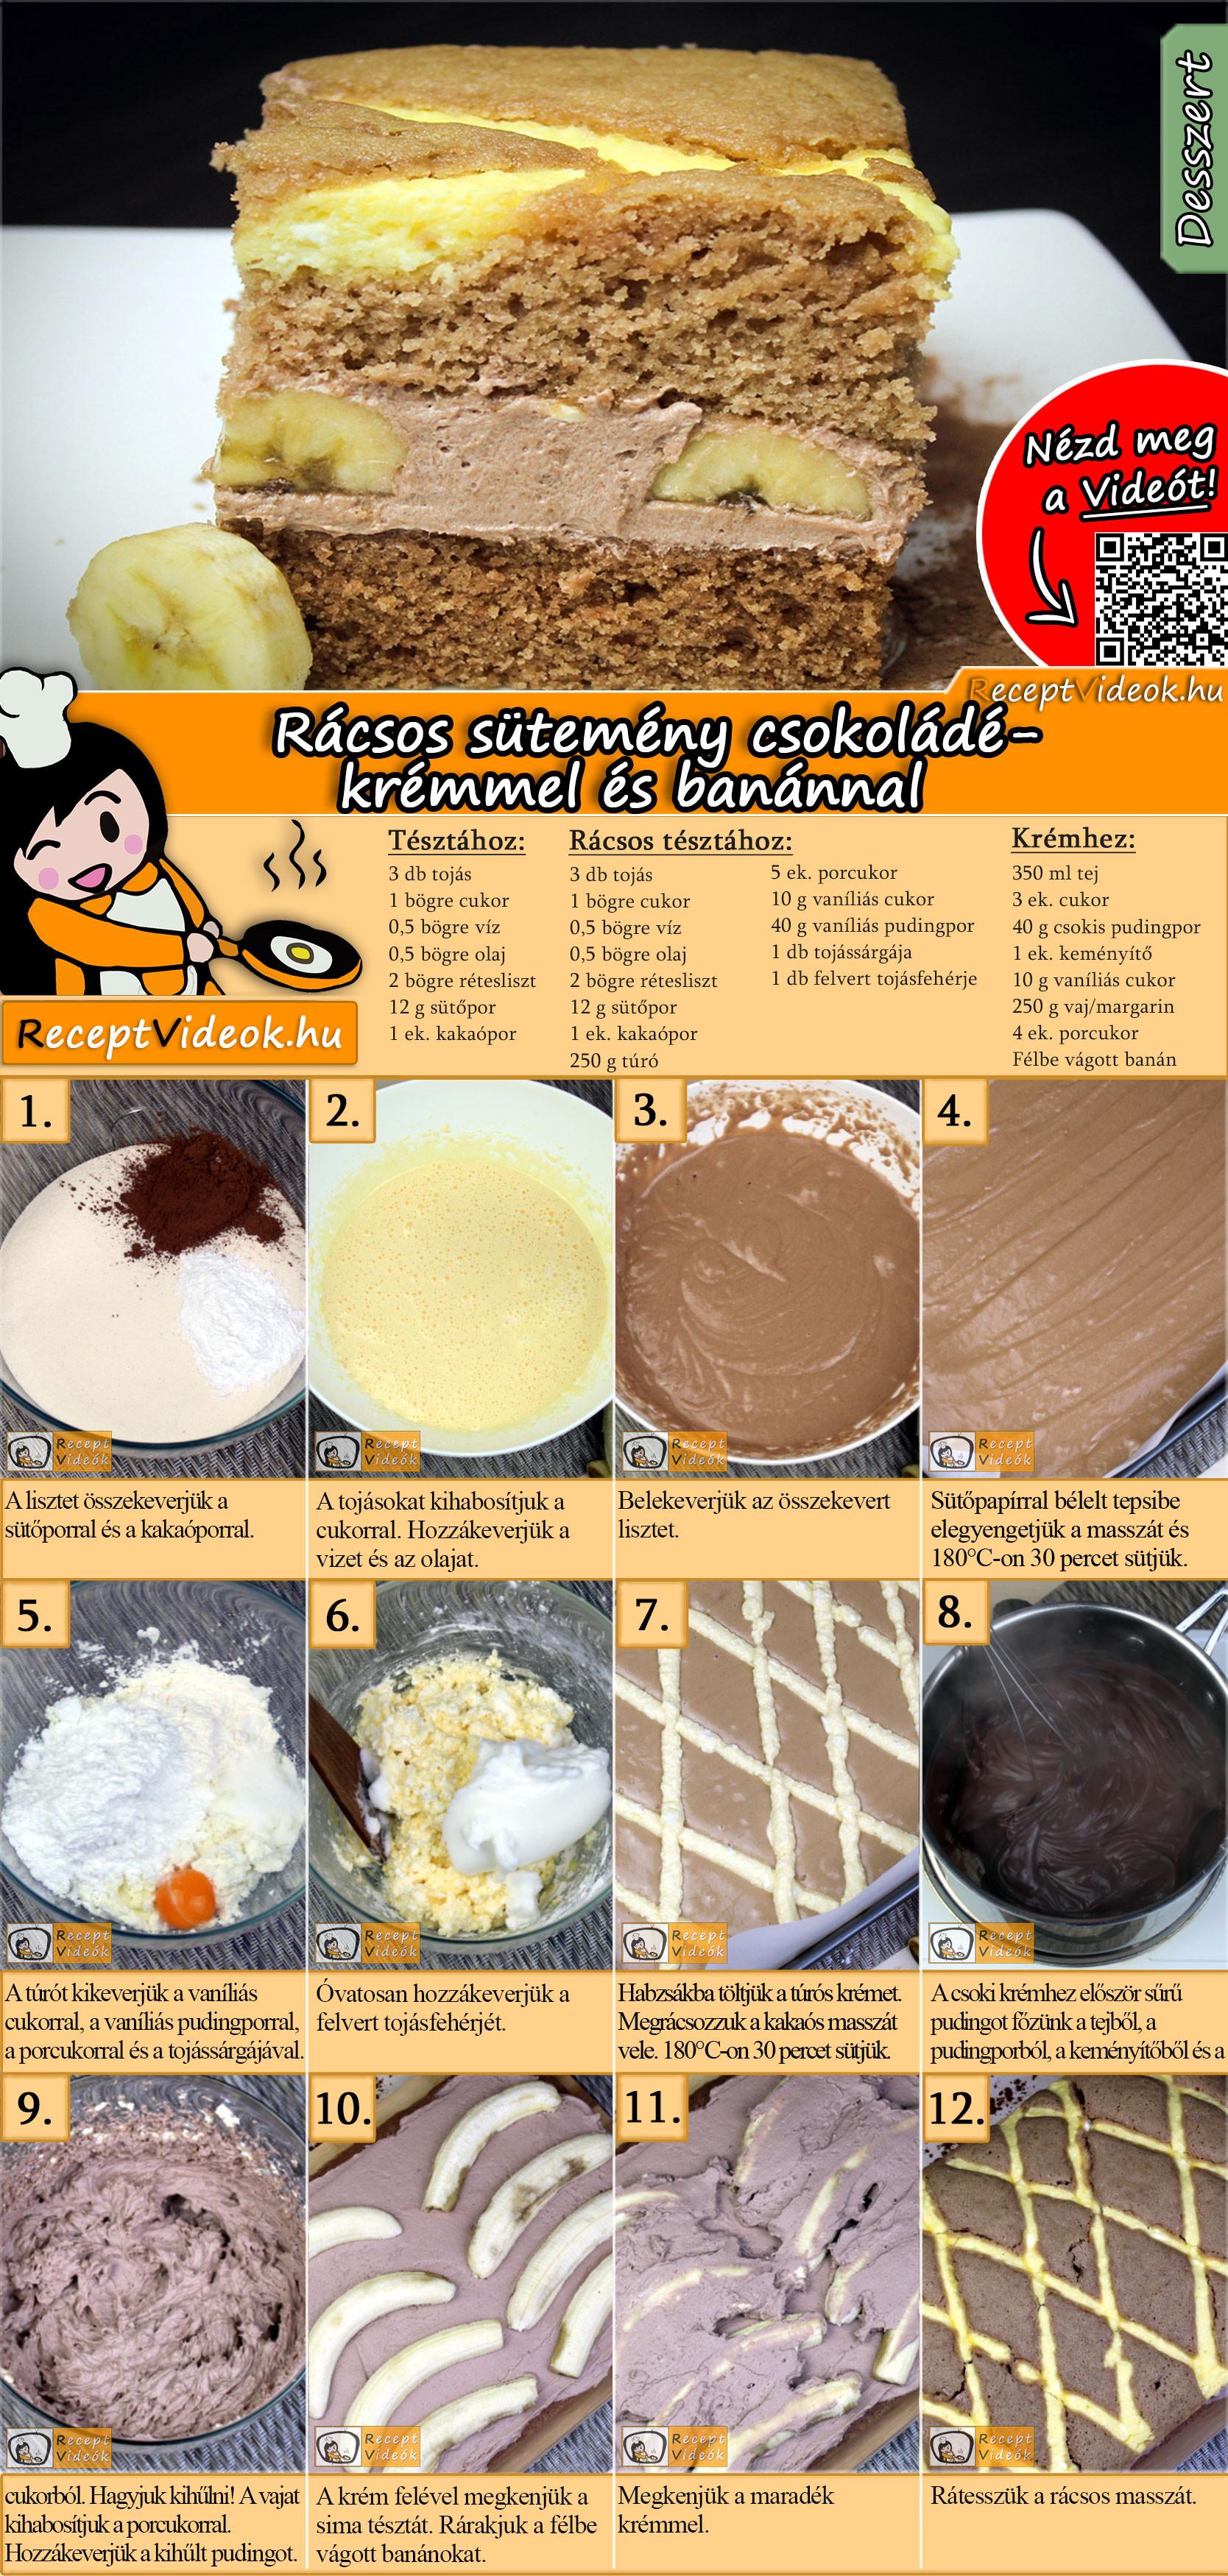 Rácsos sütemény csokoládékrémmel és banánnal recept elkészítése videóval